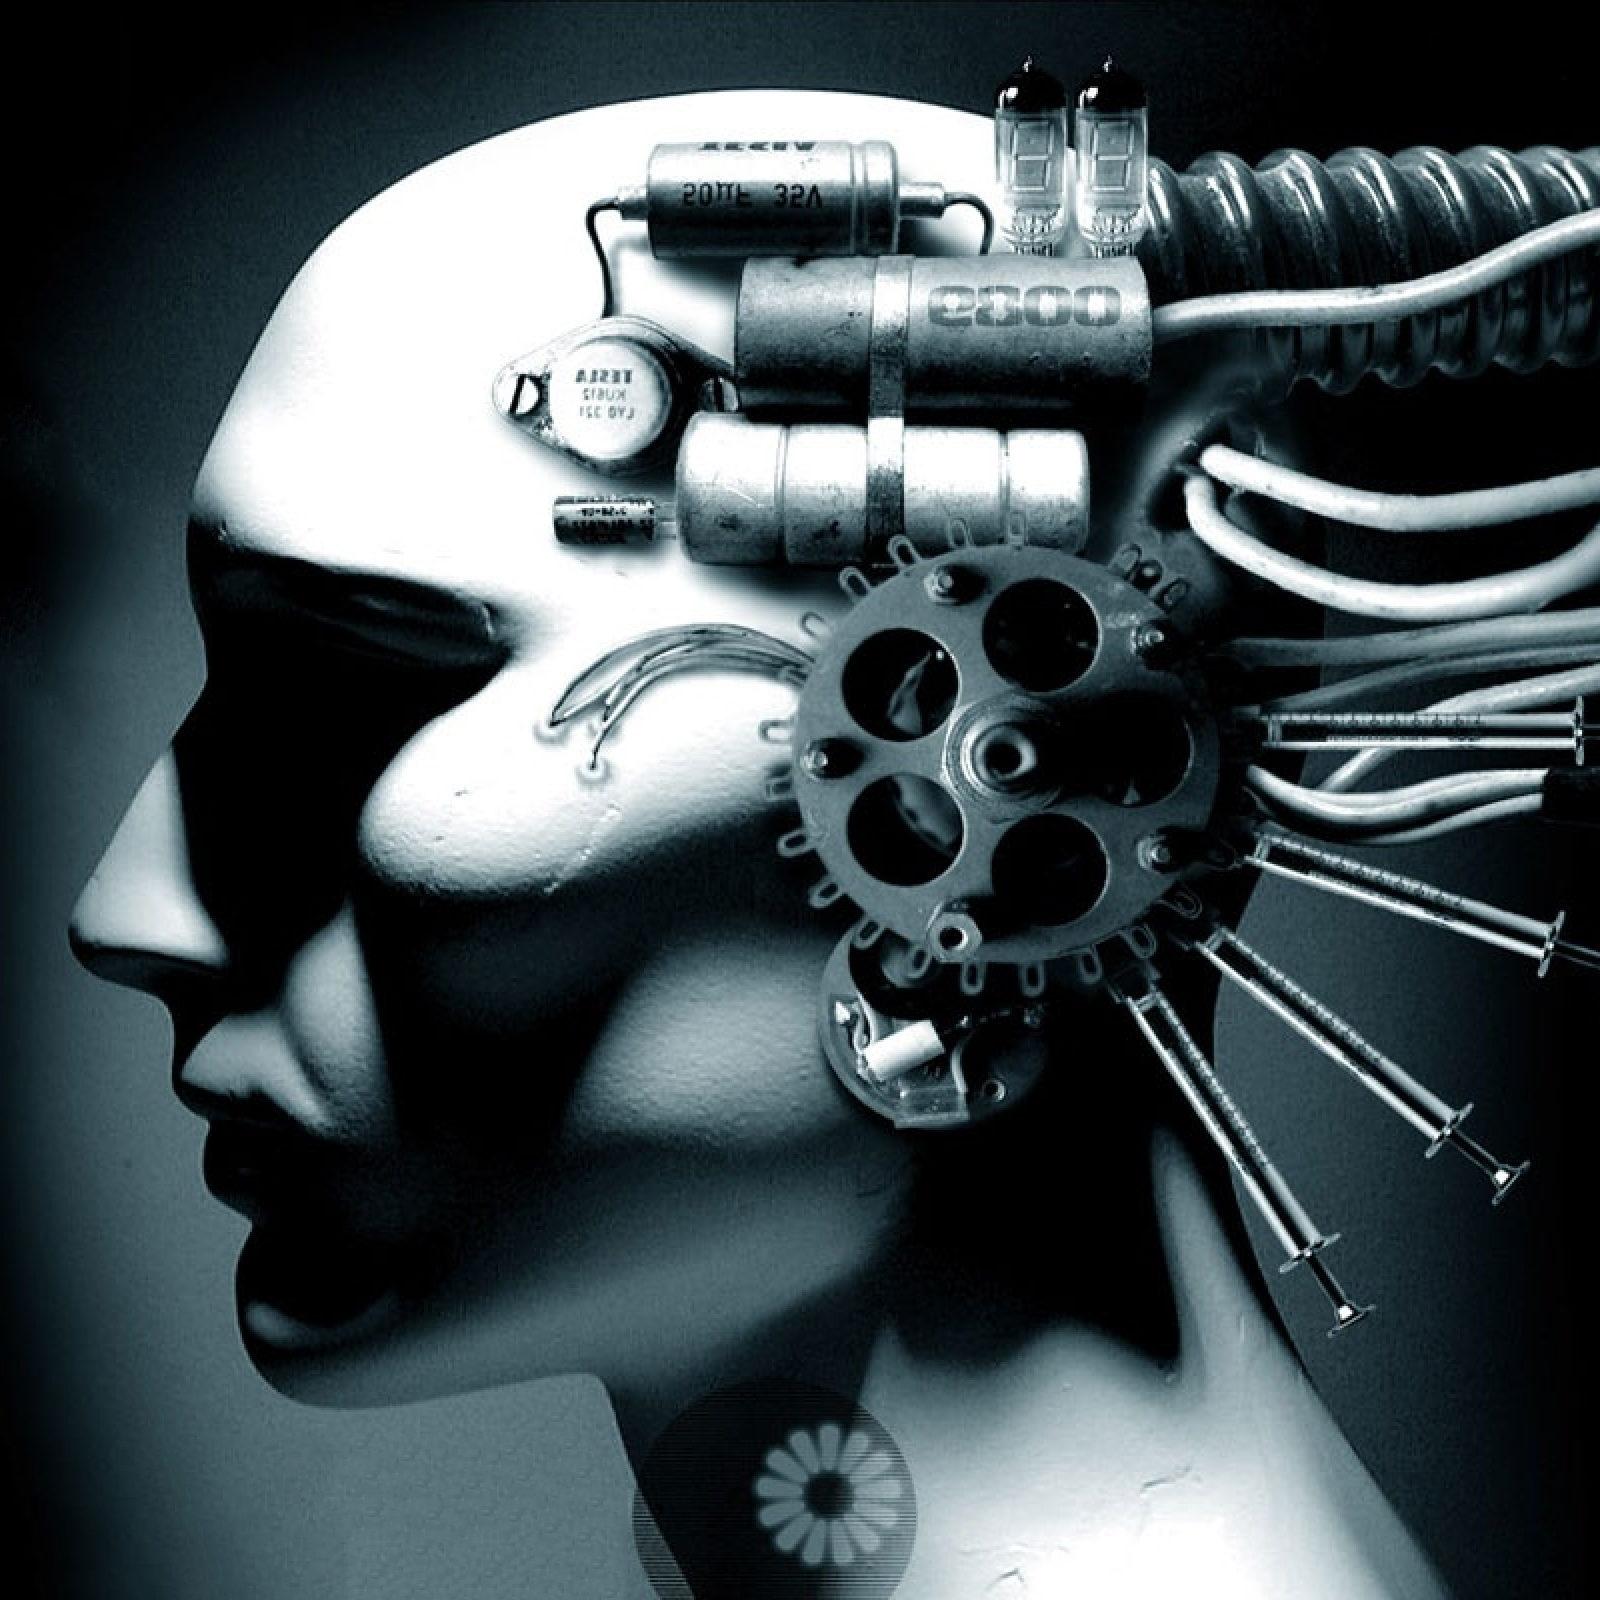 transhumanist-cyberpunk-wallpaper-darkart-cz_